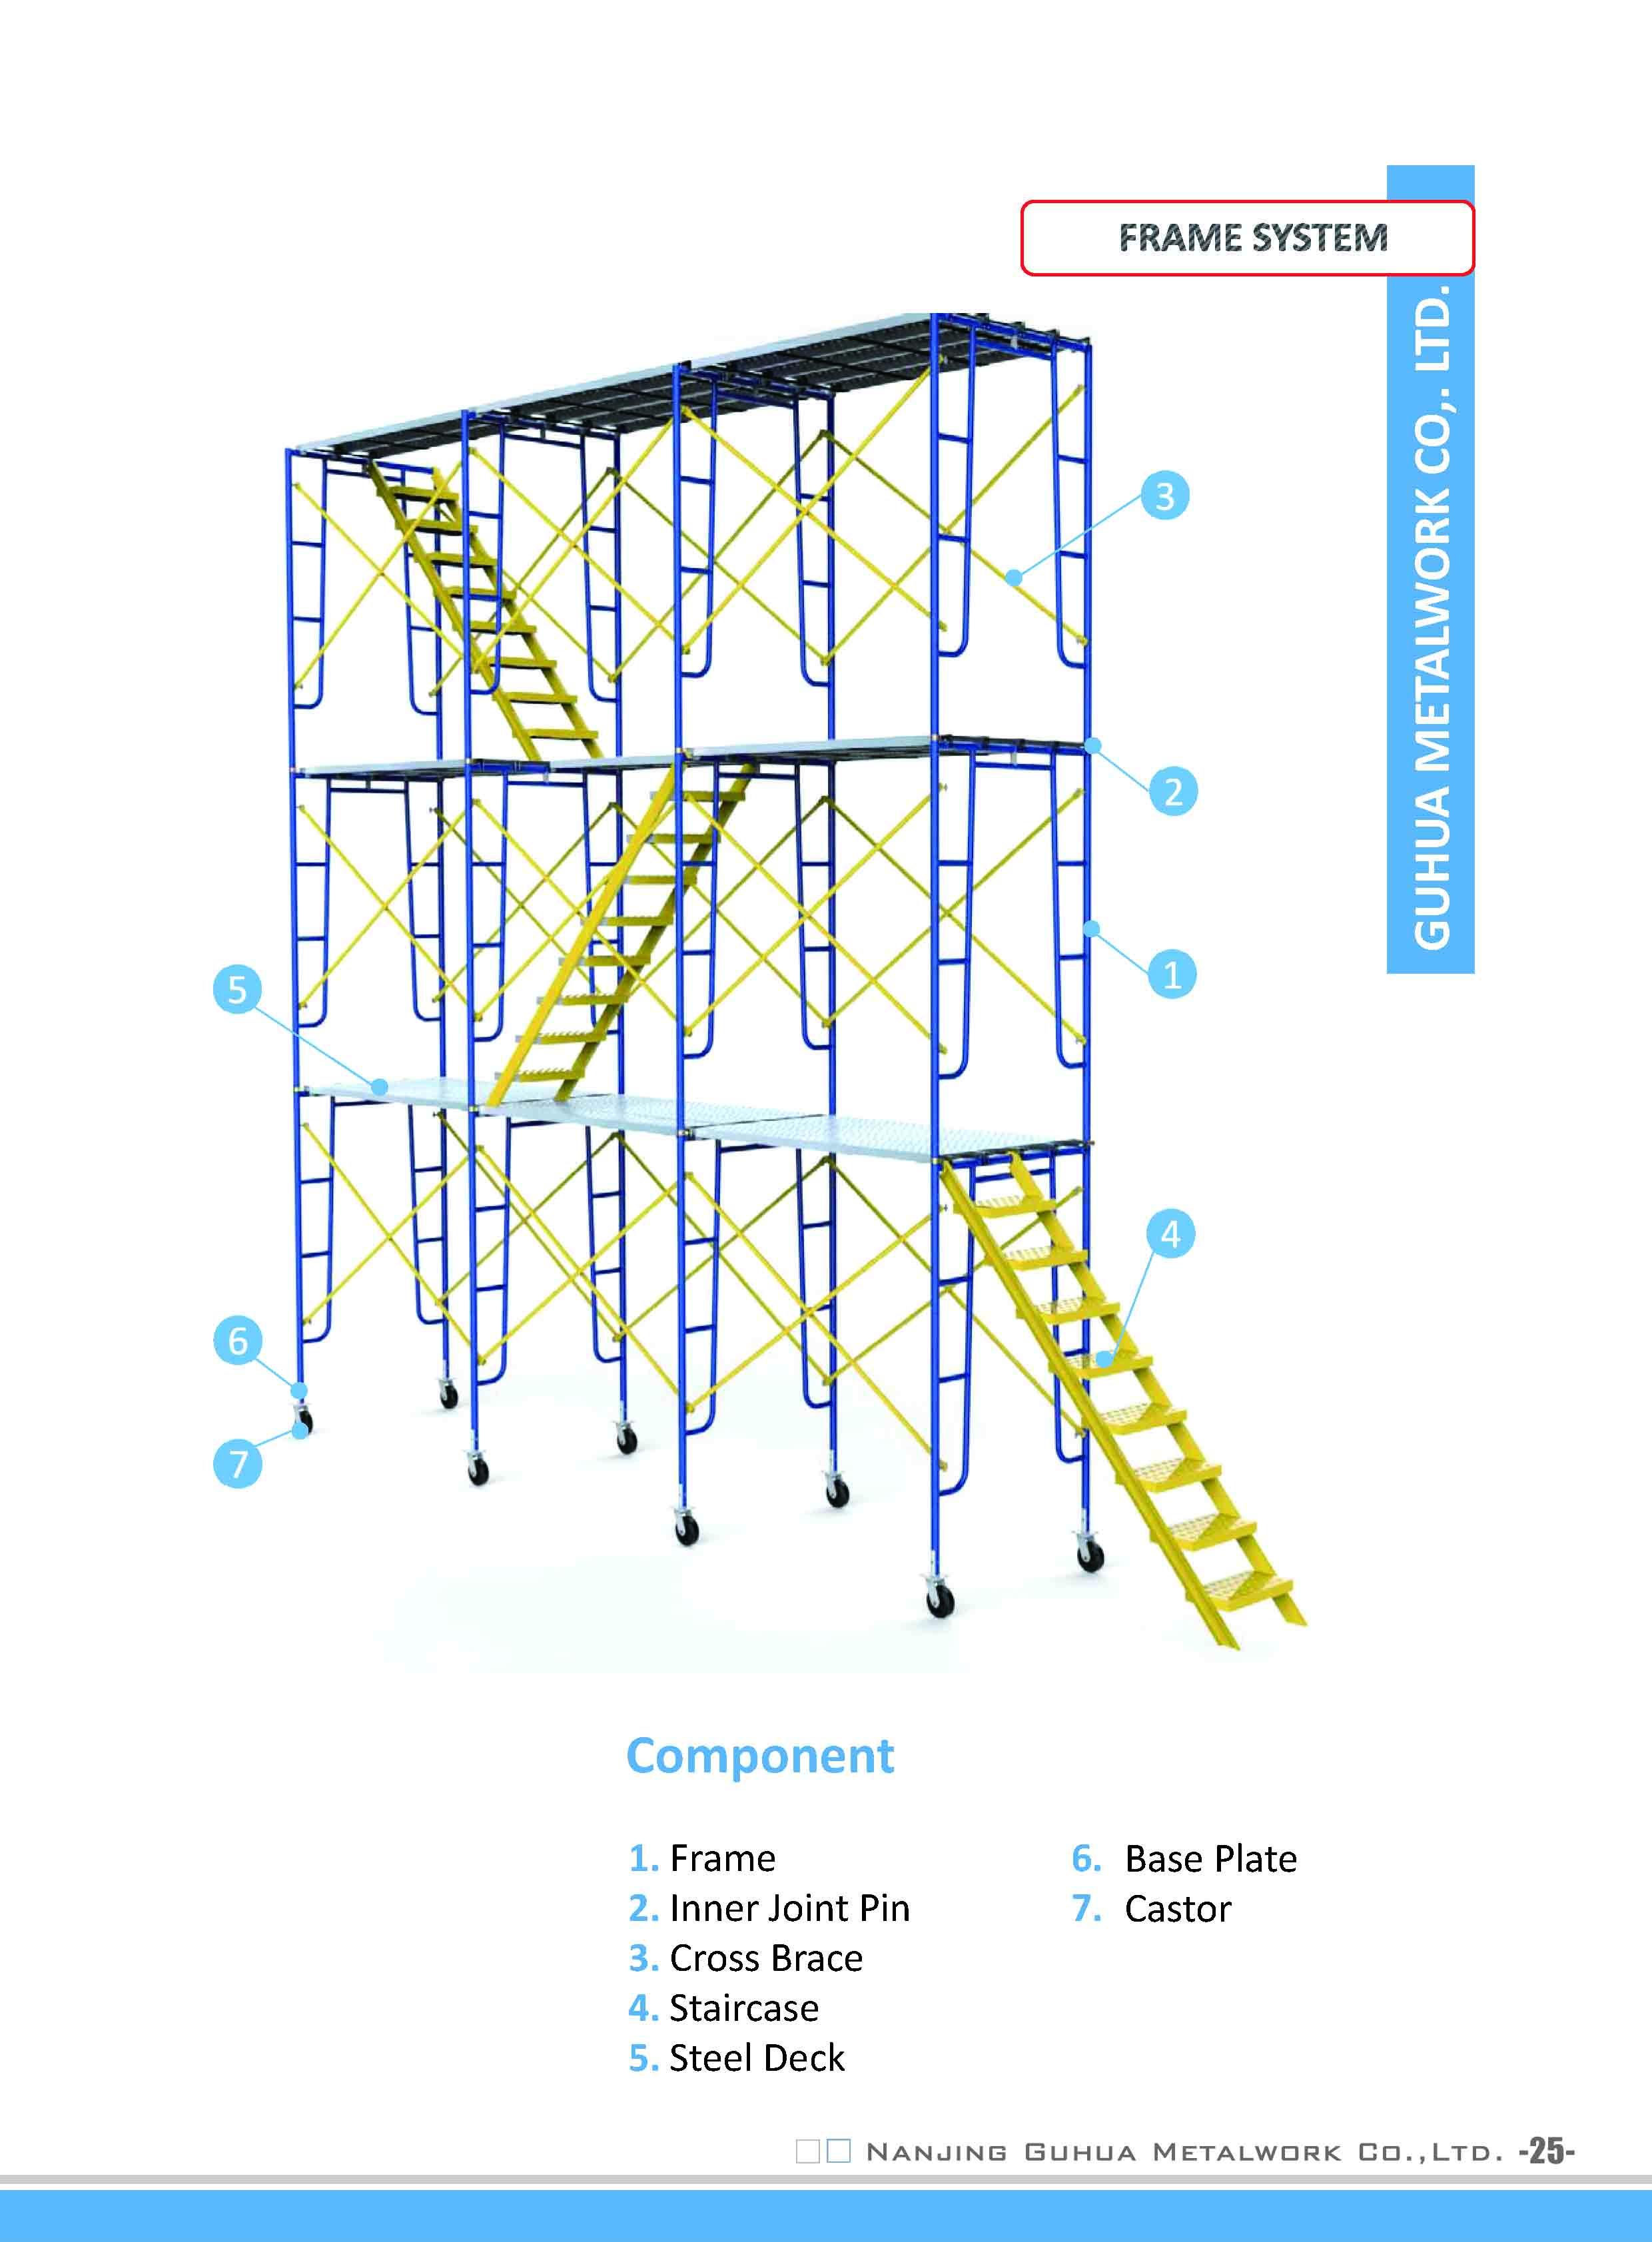 NGM_Frame scaffolding_Mason_Walkthrough_shoring_frame25